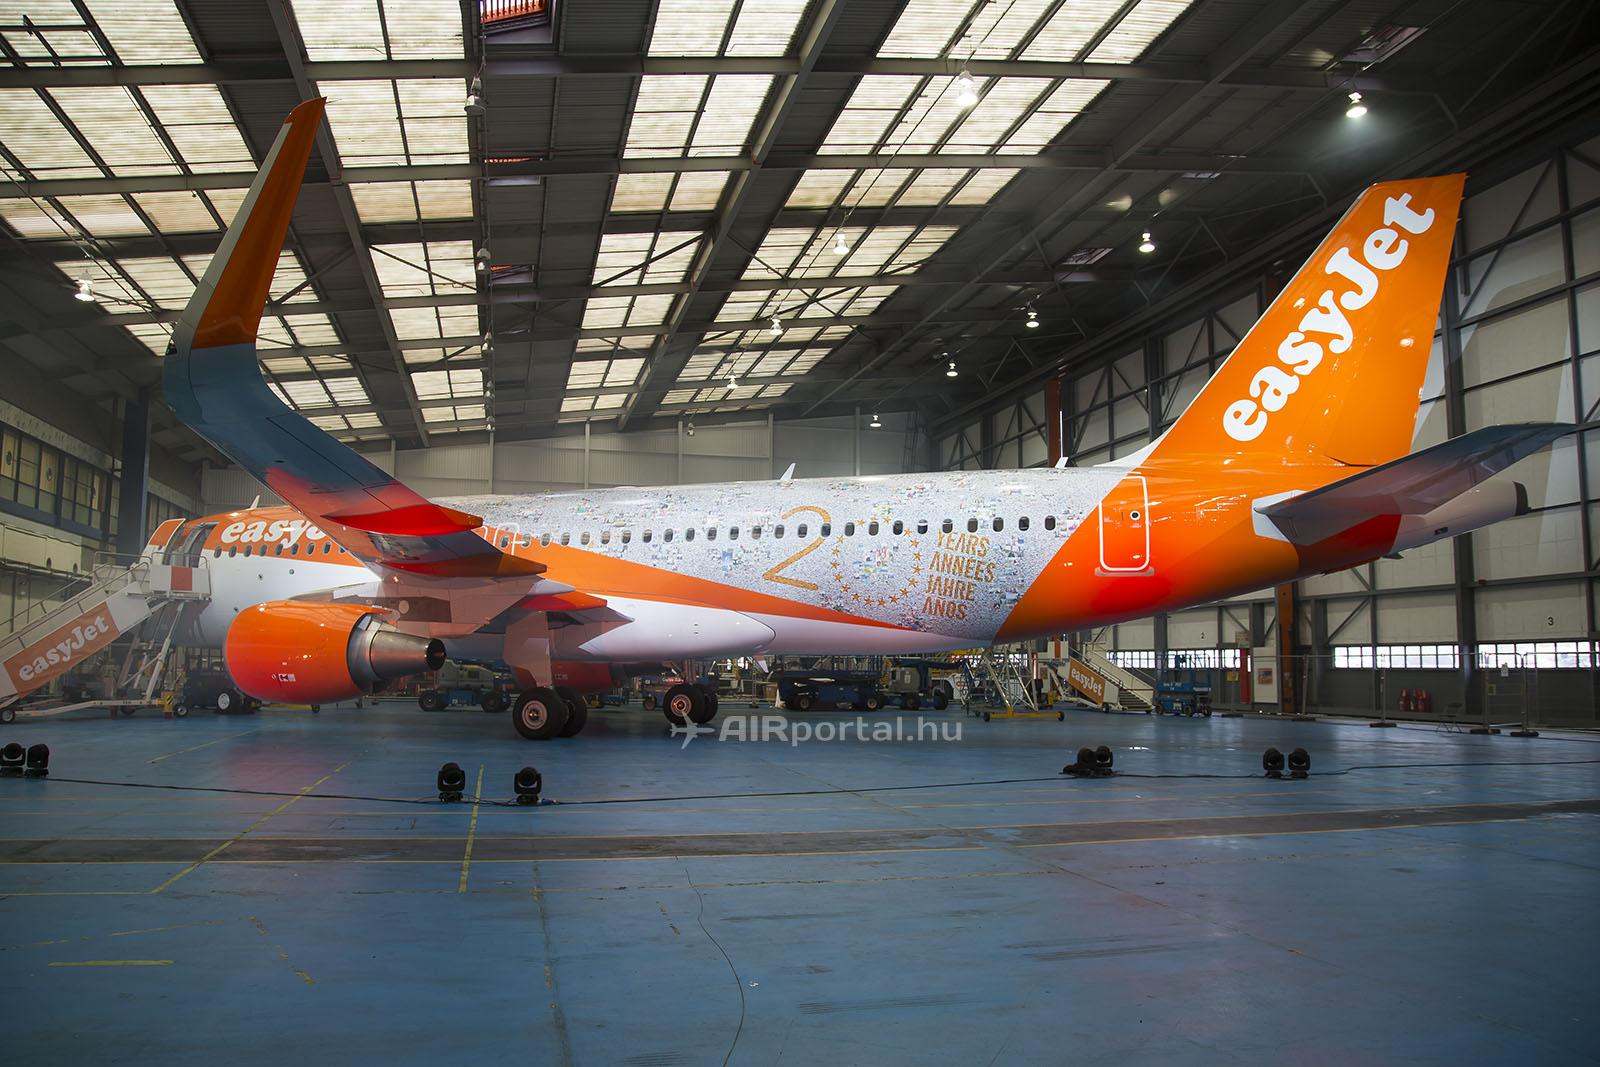 Az easyJet 20. születésnapján megrendezett eseményen a légitársaság egy különleges festésű repülőgépet is leleplezett. (Fotó: AIRportal.hu)   © AIRportal.hu